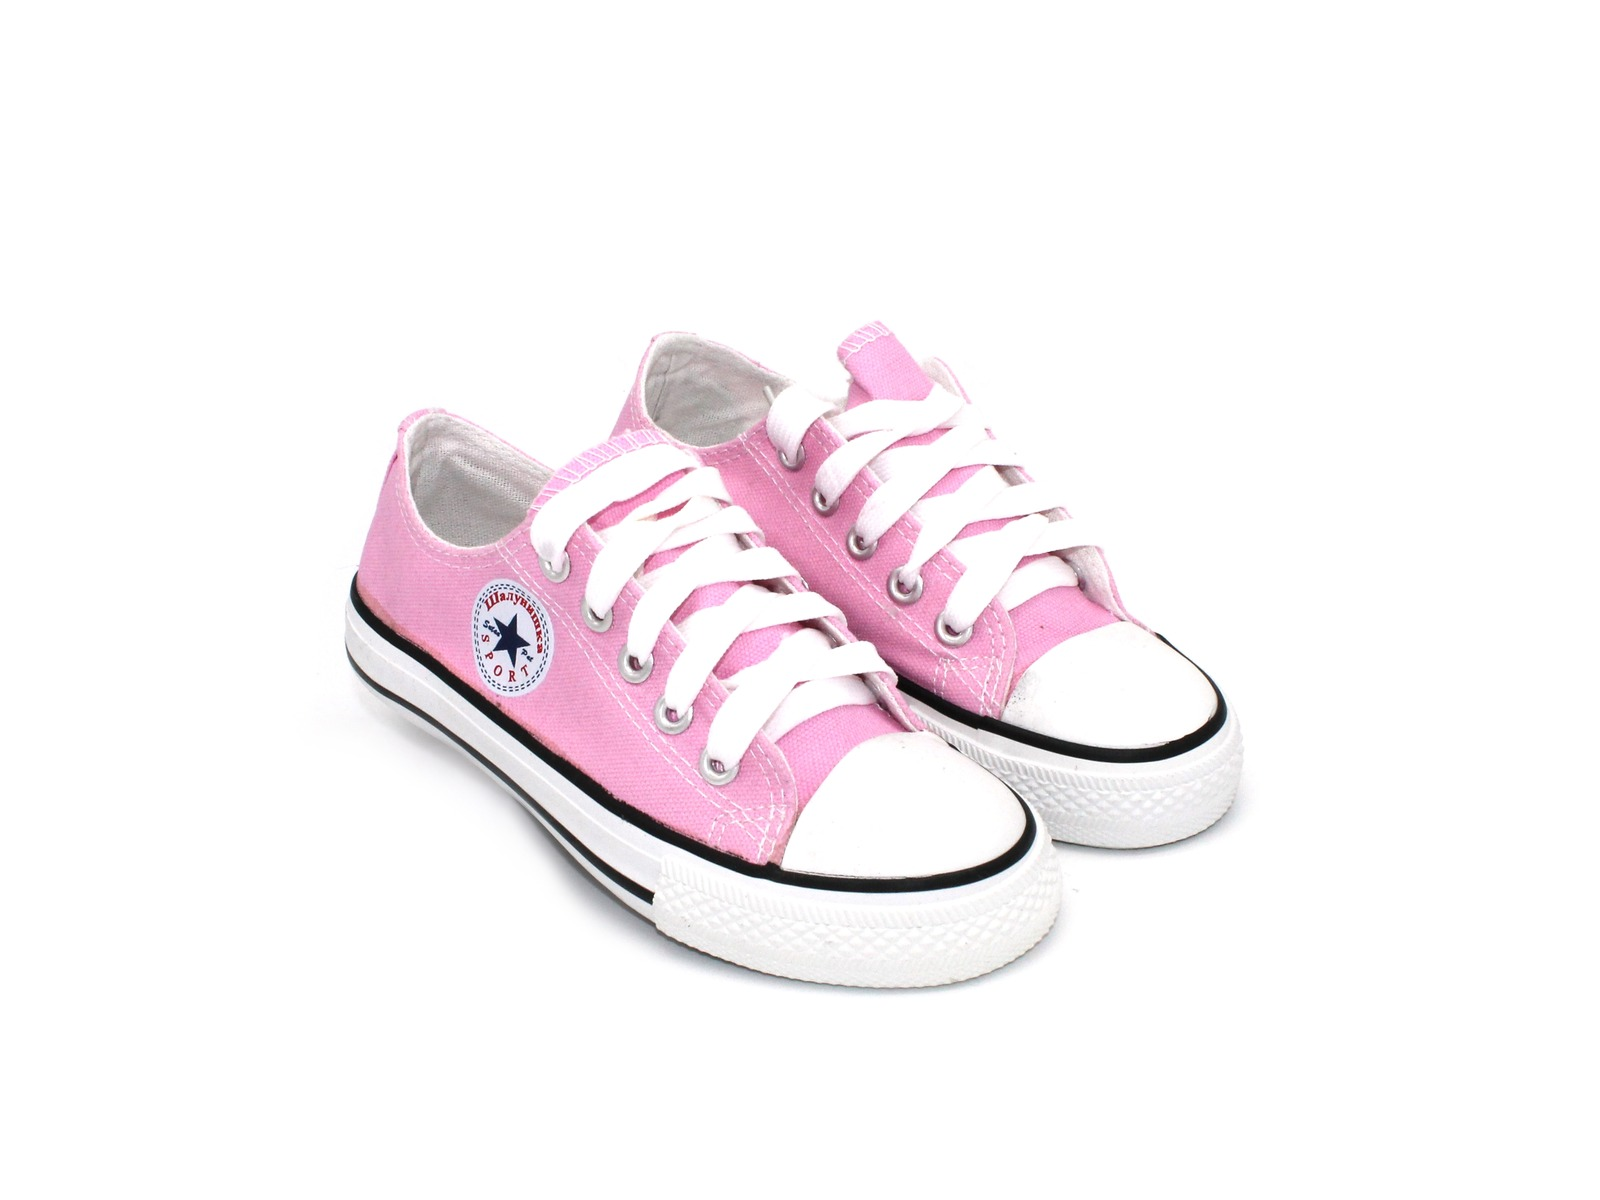 5bc2d1625 Кеды Шалунишка для девочек розовые с шнурками 31 - 36 размера ...